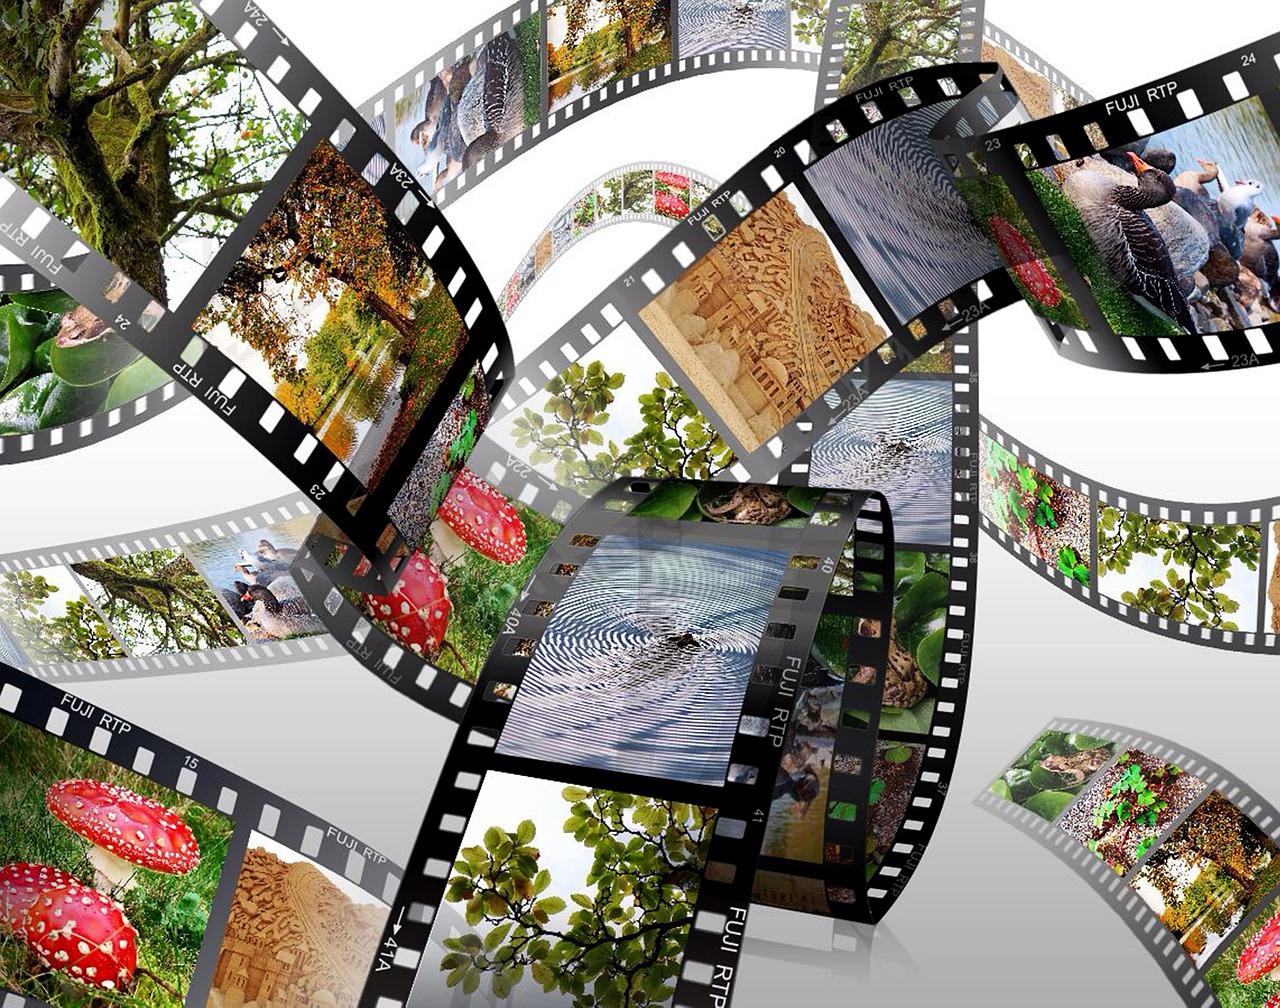 barevné filmy do foťáku